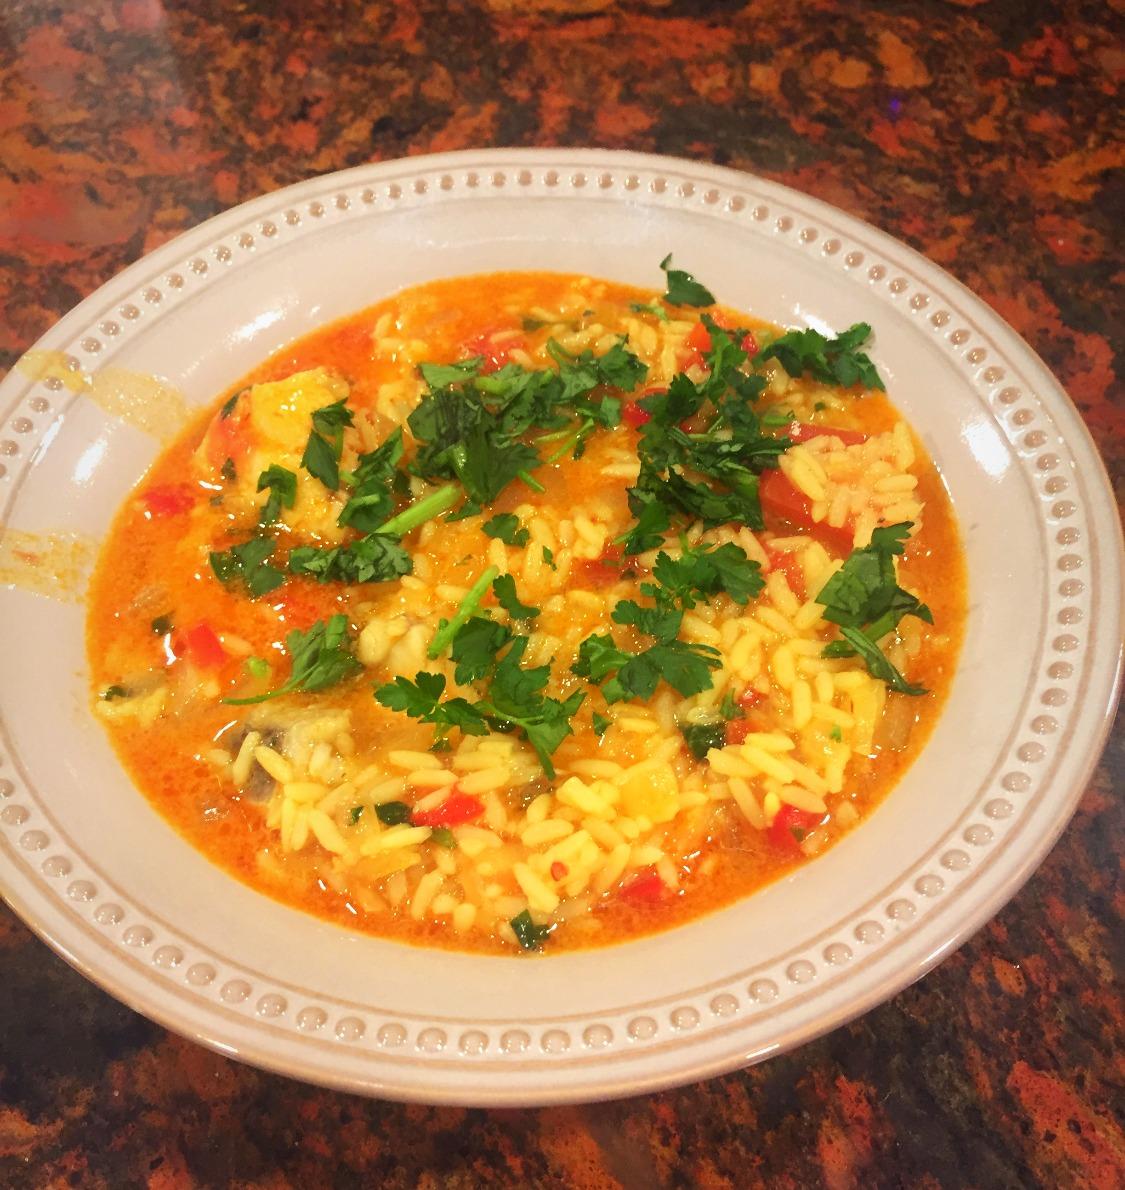 Arroz de Tamboril, Monkfish Rice - Recipe